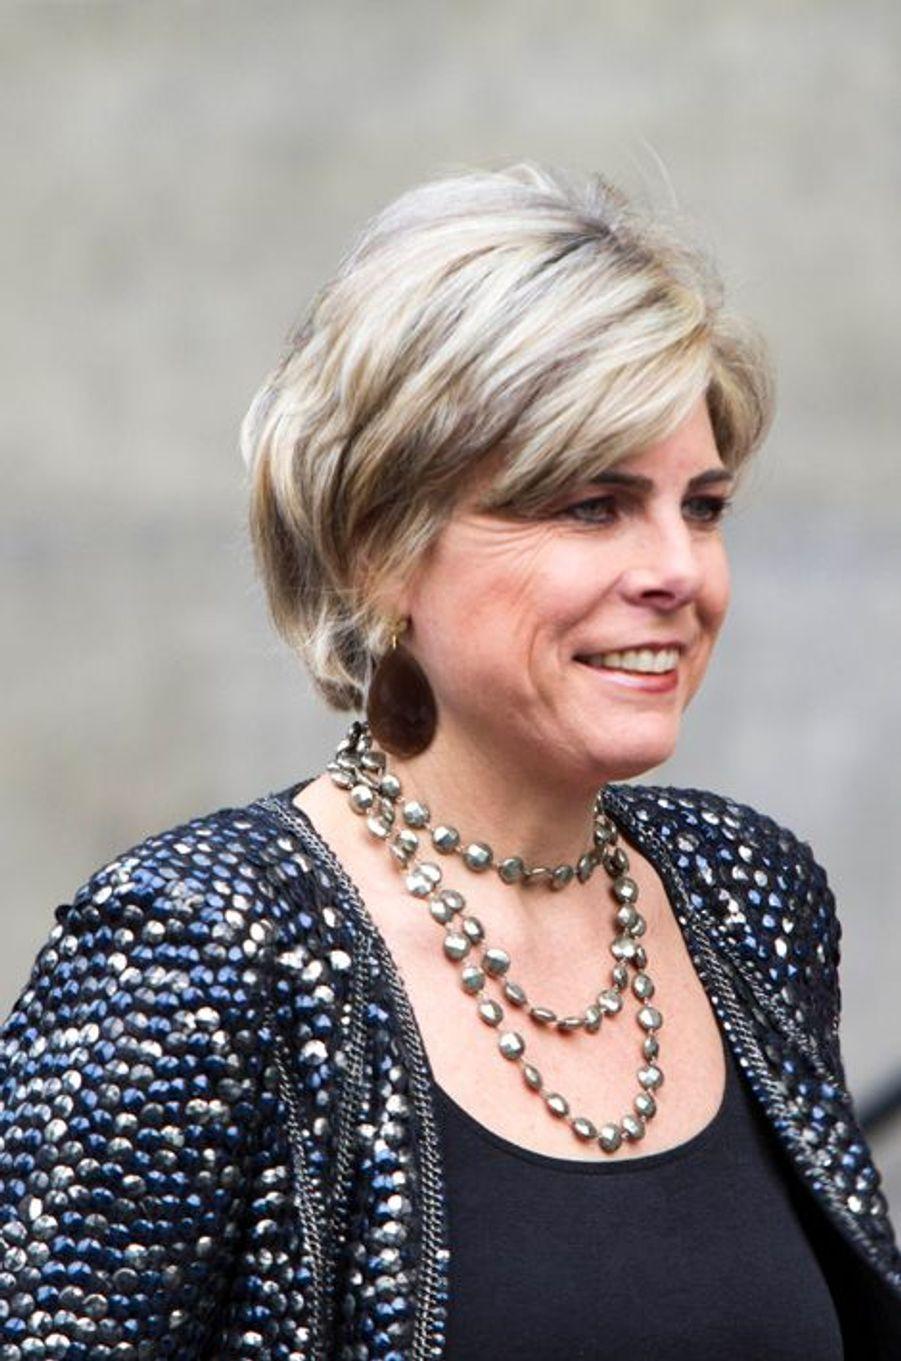 La princesse Laurentien des Pays-Bas à Amsterdam, le 2 décembre 2015